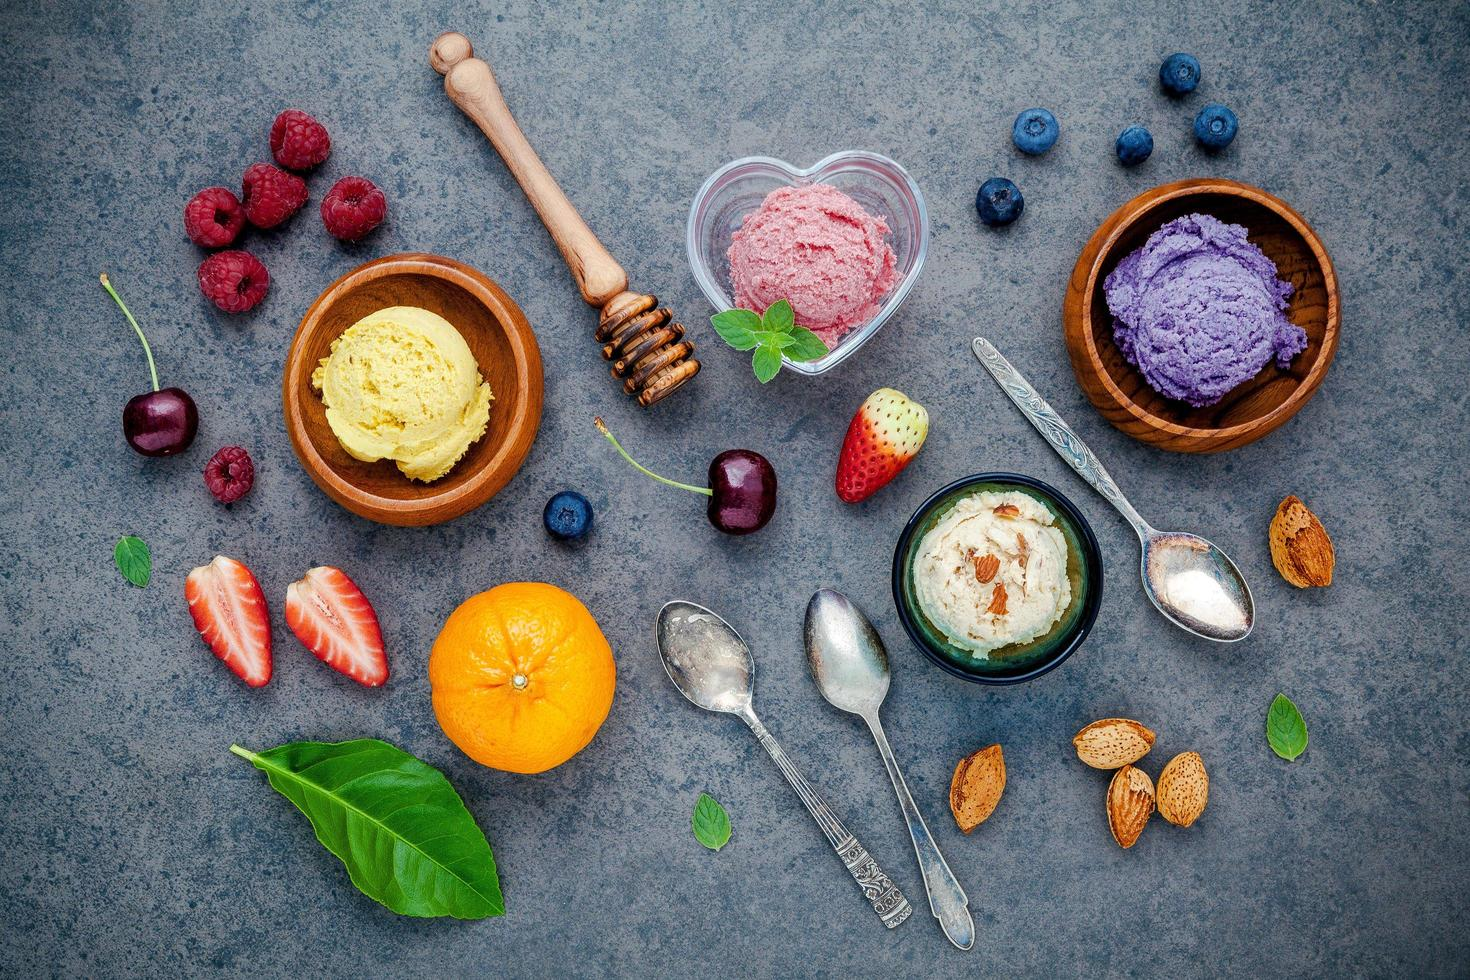 Ice cream concept photo